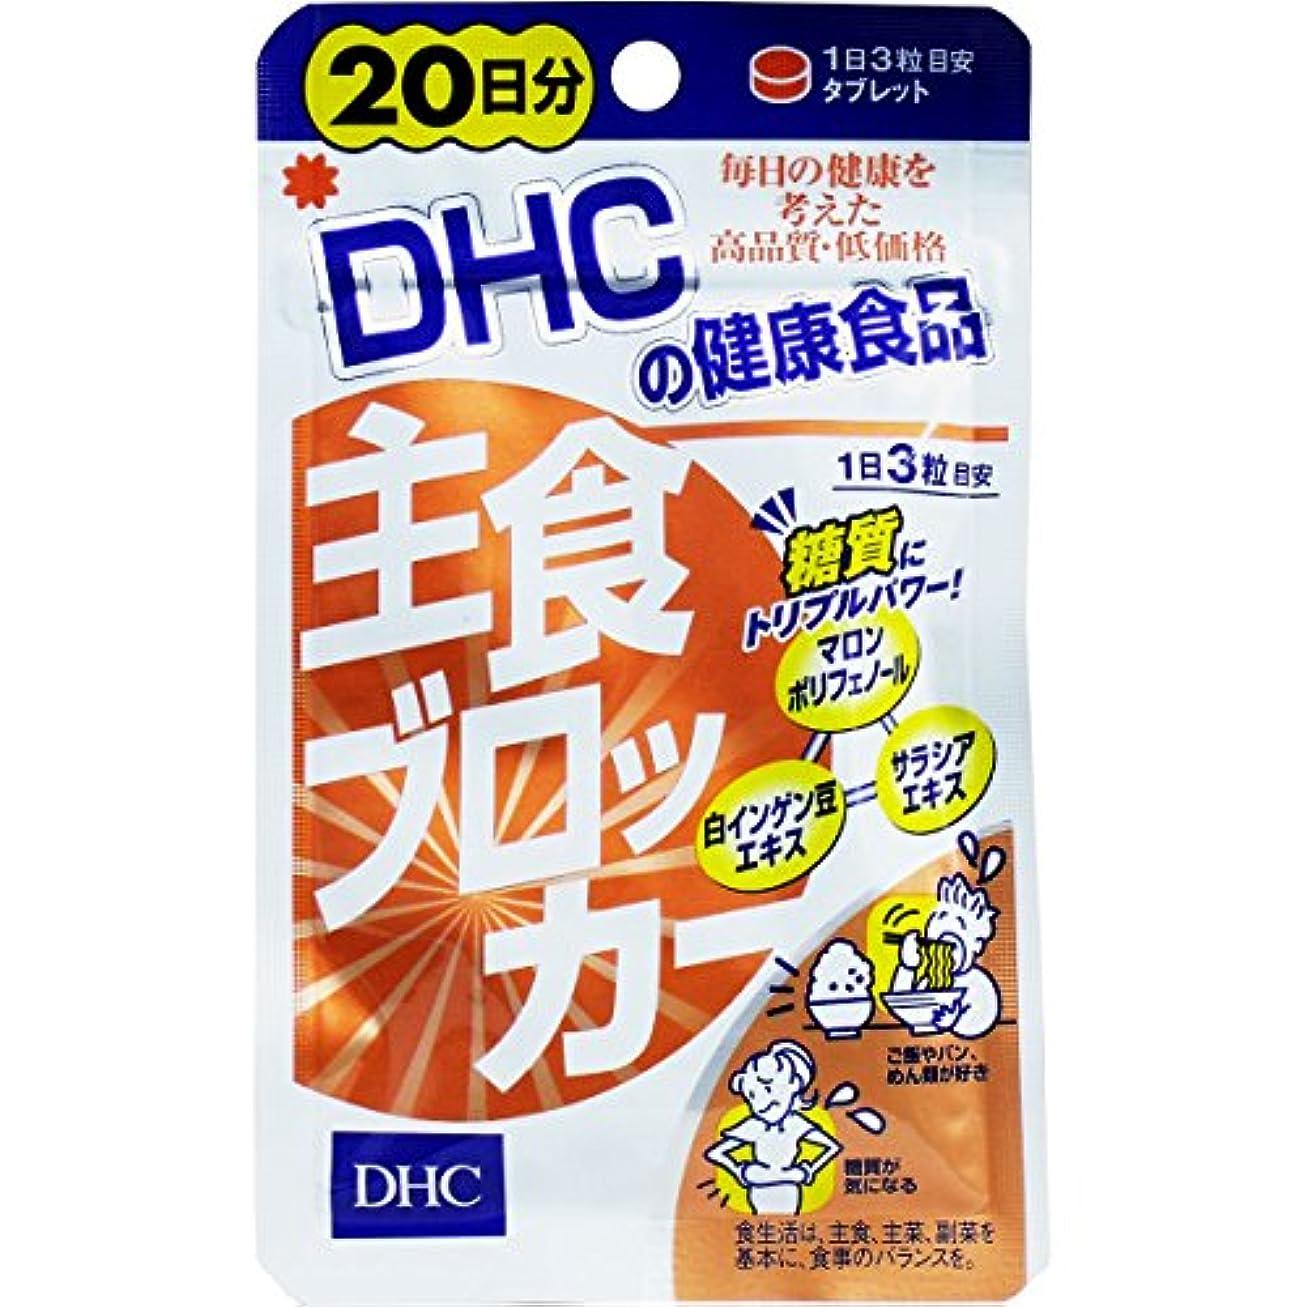 ヒューバートハドソン疑問に思う啓発する【DHC】主食ブロッカー 20日分 60粒 ×10個セット